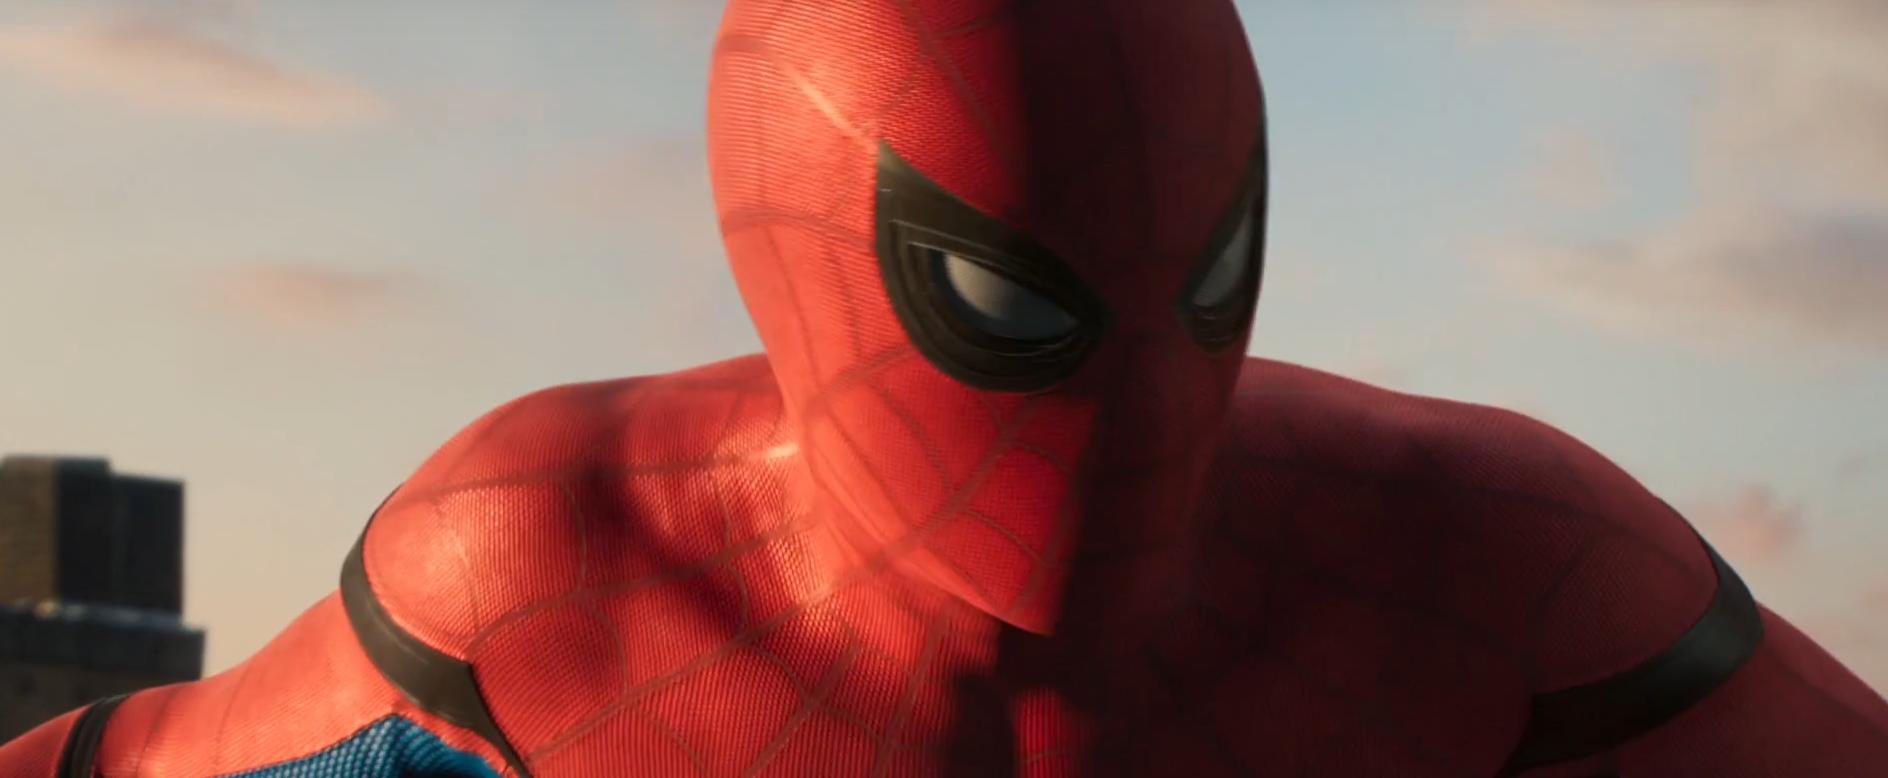 Un Gran Poder Segundo Trailer Para Spider Man Homecoming Spidermanhomecoming Spider Man Doctor Sueño Descendientes